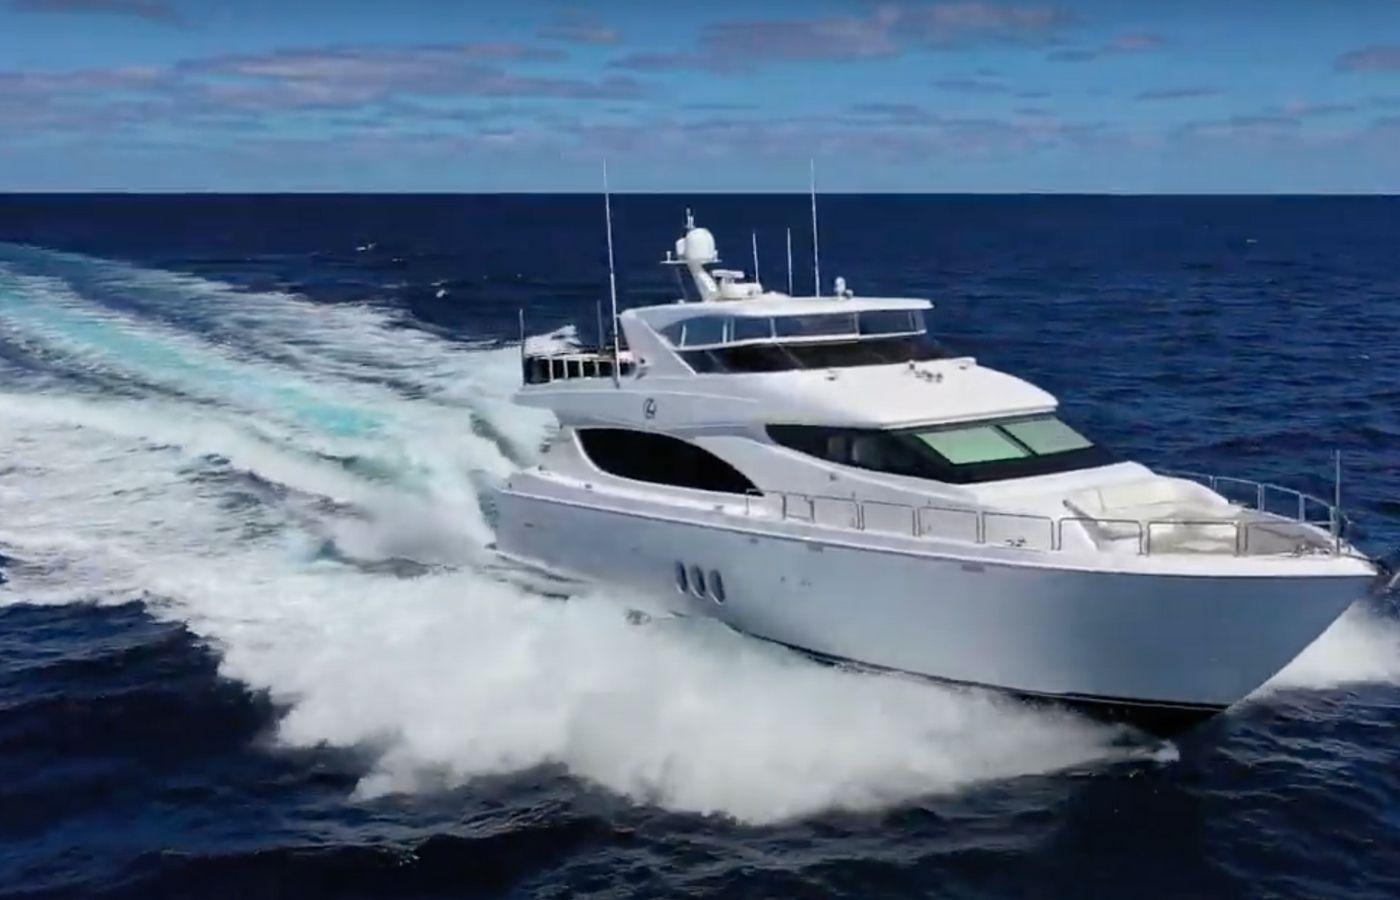 80 Hatteras Motor Yacht Sold By Jordan Preusz